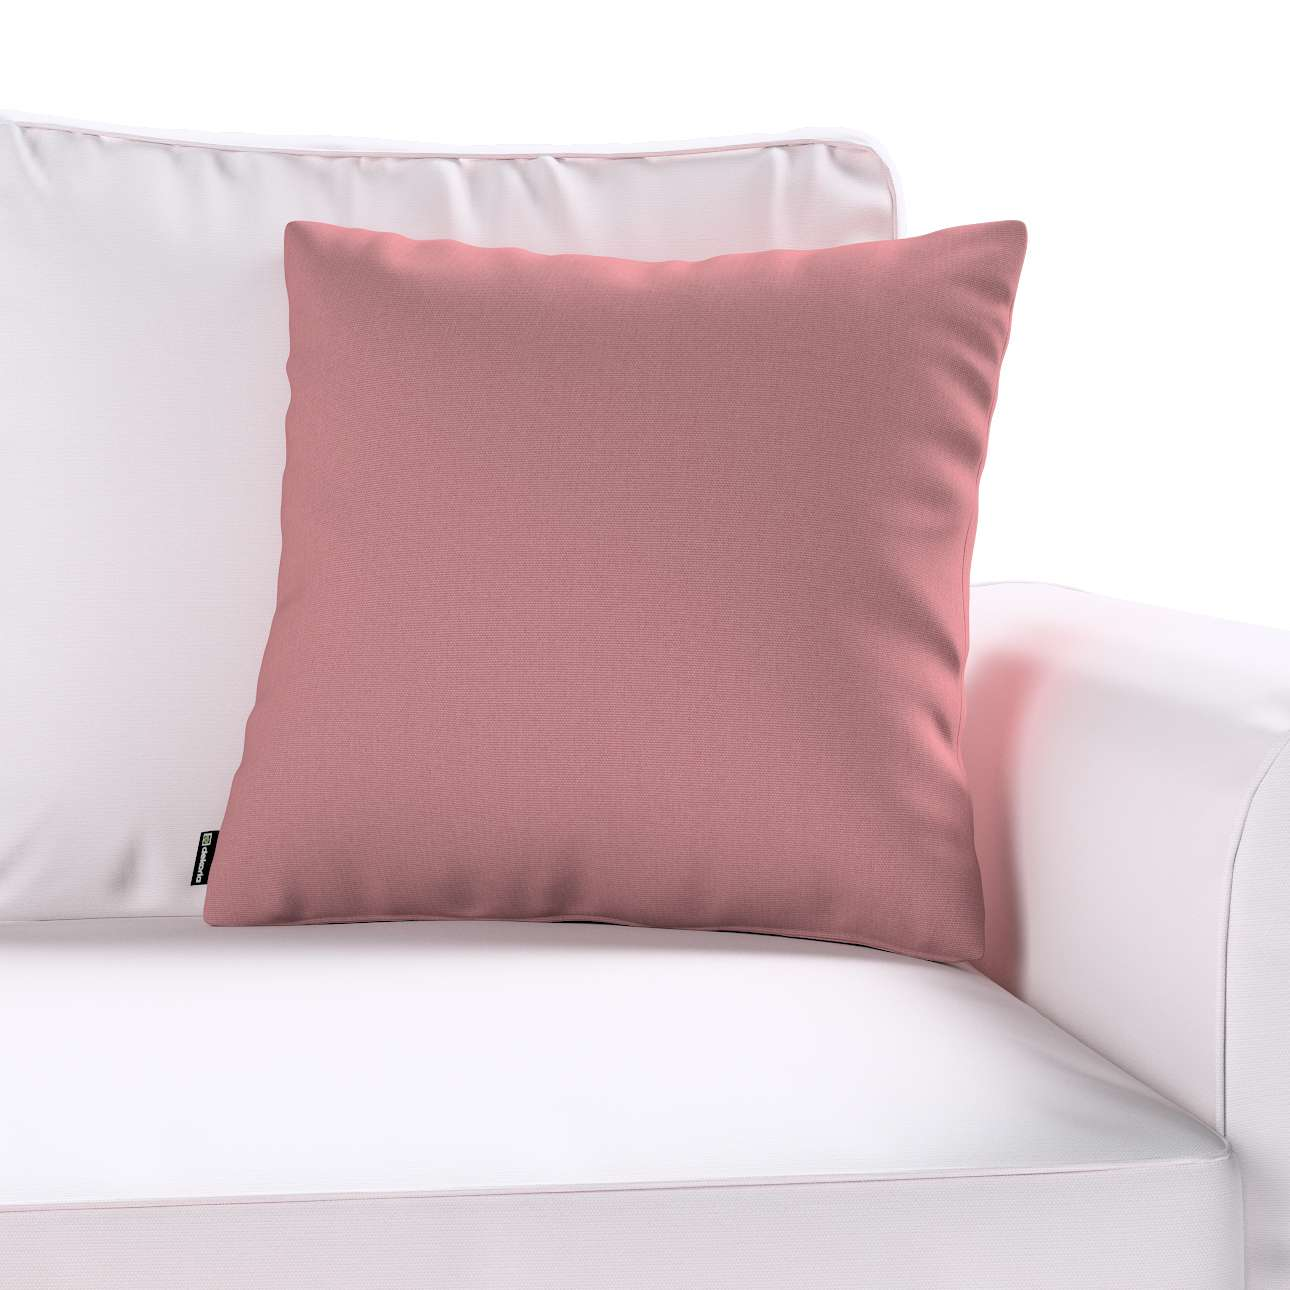 Karin - jednoduchá obliečka V kolekcii Cotton Panama, tkanina: 702-43